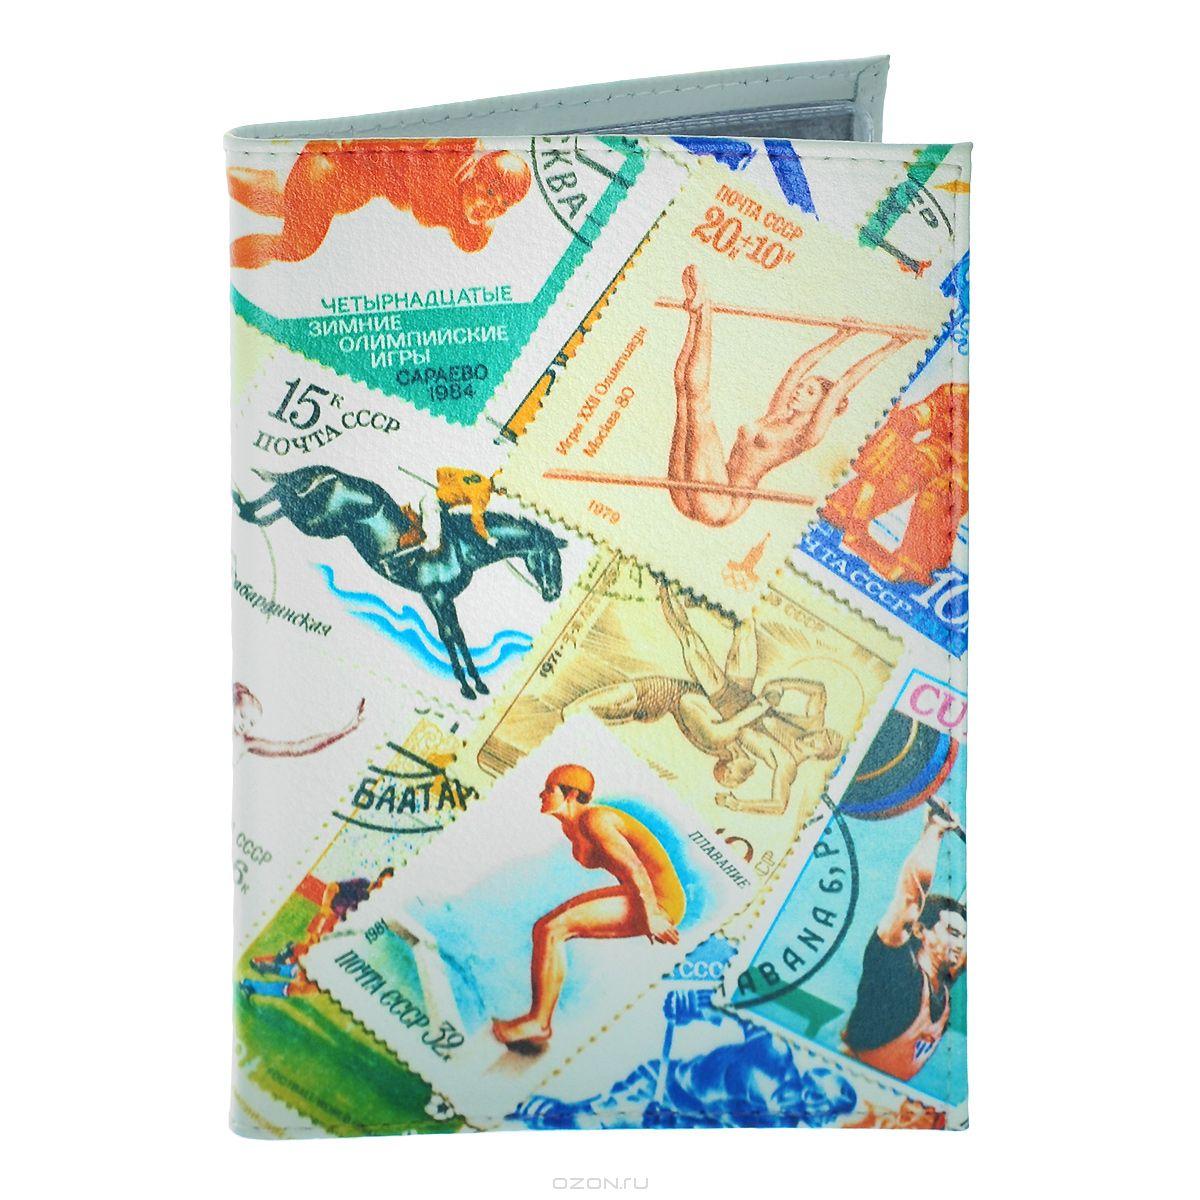 Визитница Спорт (марки) 2. VIZIT-206VIZIT-206Оригинальная визитница Mitya Veselkov Спорт. Марки прекрасно подойдет для хранения визиток и кредитных карт. Обложка выполнена из натуральной высококачественной кожи и оформлена изображением марок со спортивной тематикой. Внутри содержится съемный блок из прозрачного мягкого пластика на 18 визиток и 2 прозрачных вертикальных кармана. Стильная визитница подчеркнет вашу индивидуальность и изысканный вкус, а также станет замечательным подарком человеку, ценящему качественные и практичные вещи.